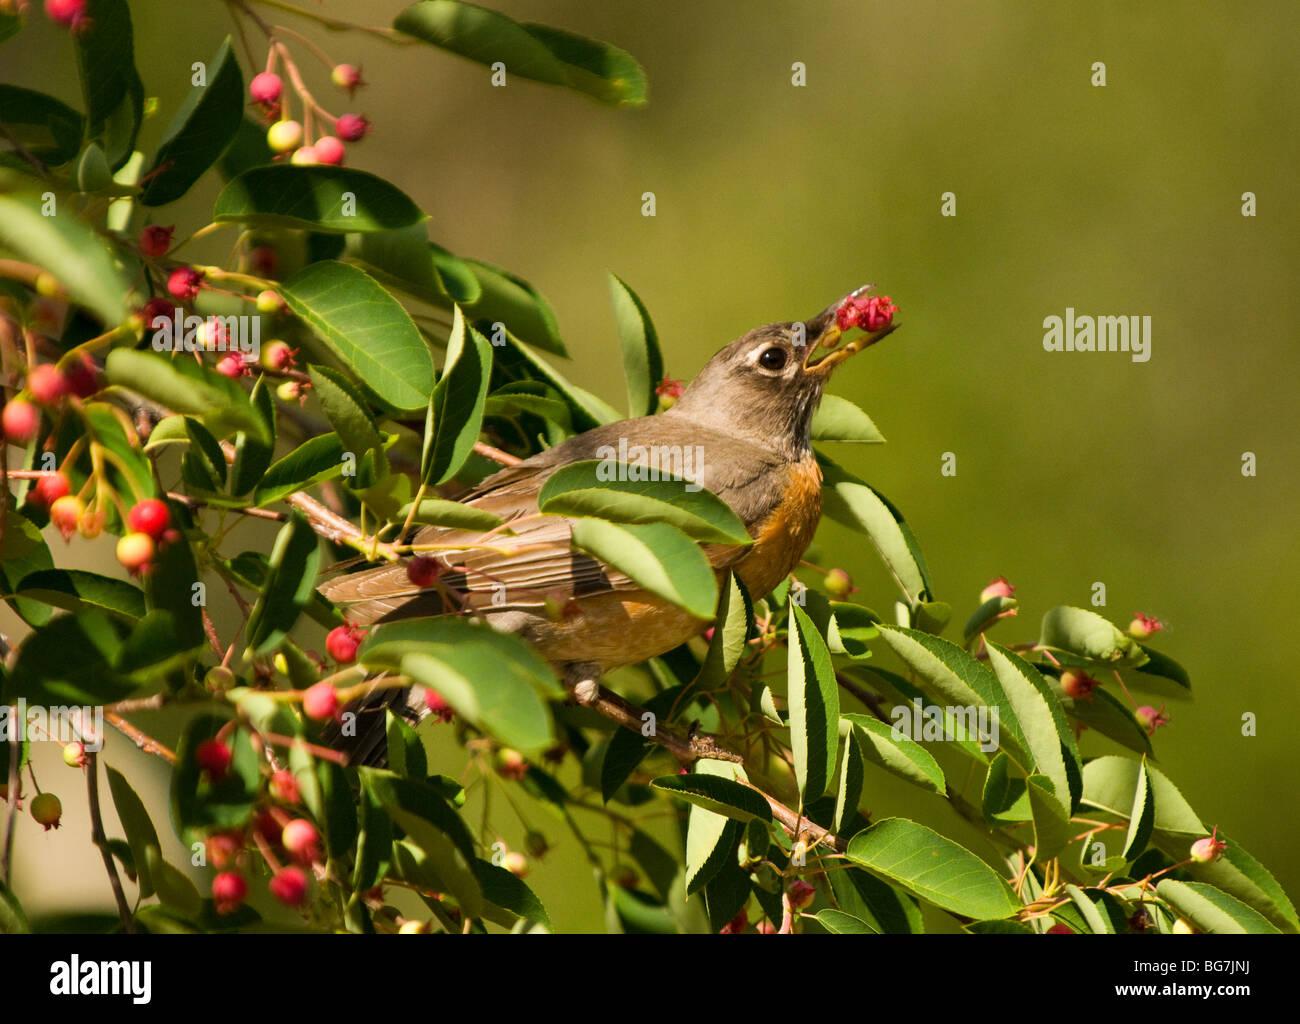 Idaho, Wildlife, Bird, Song Birds, Robin eating serviceberry. - Stock Image